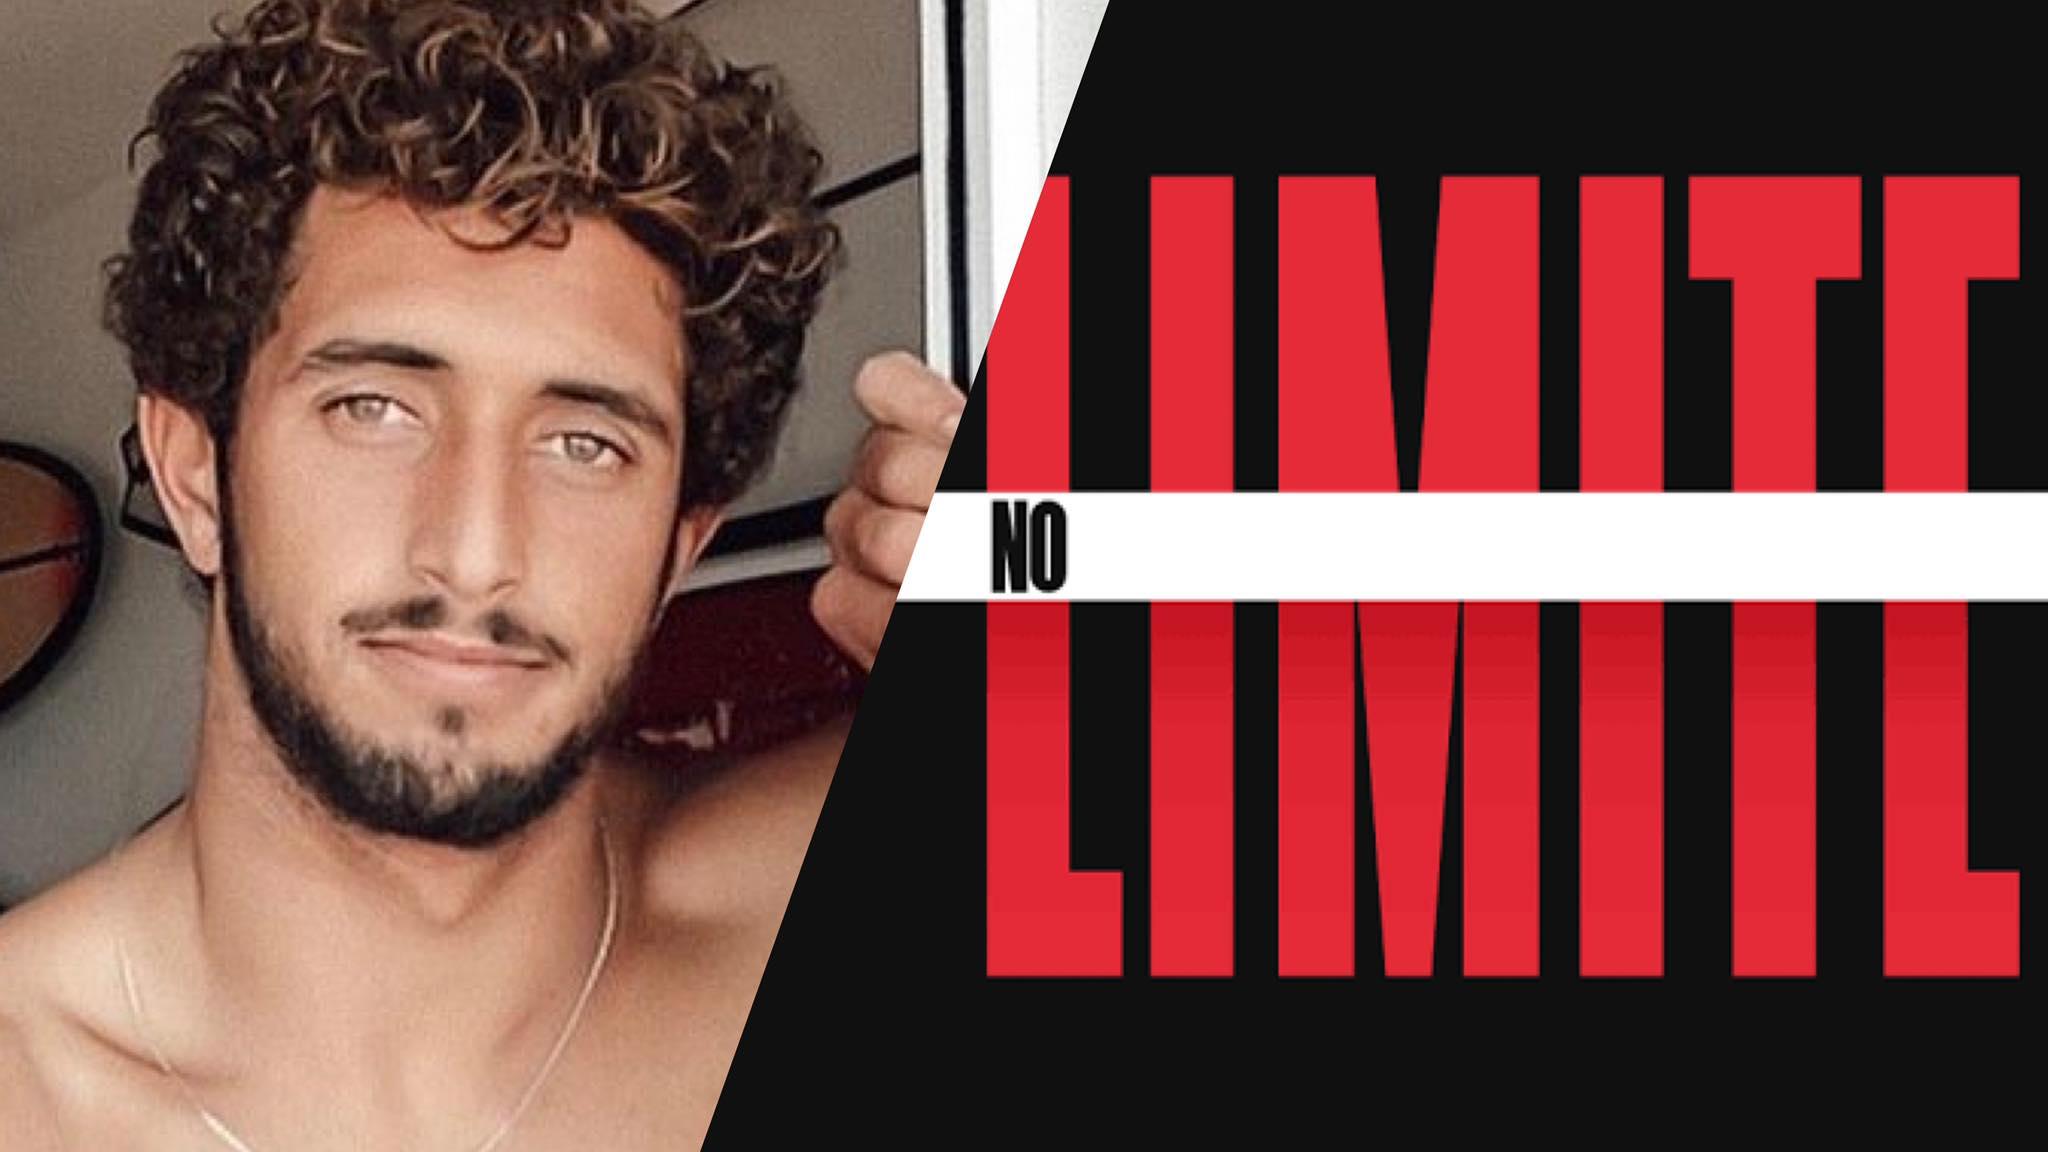 Lucas Chumbo utilizará seu preparo físico para as provas de No Limite (montagem: Fashion Bubbles)